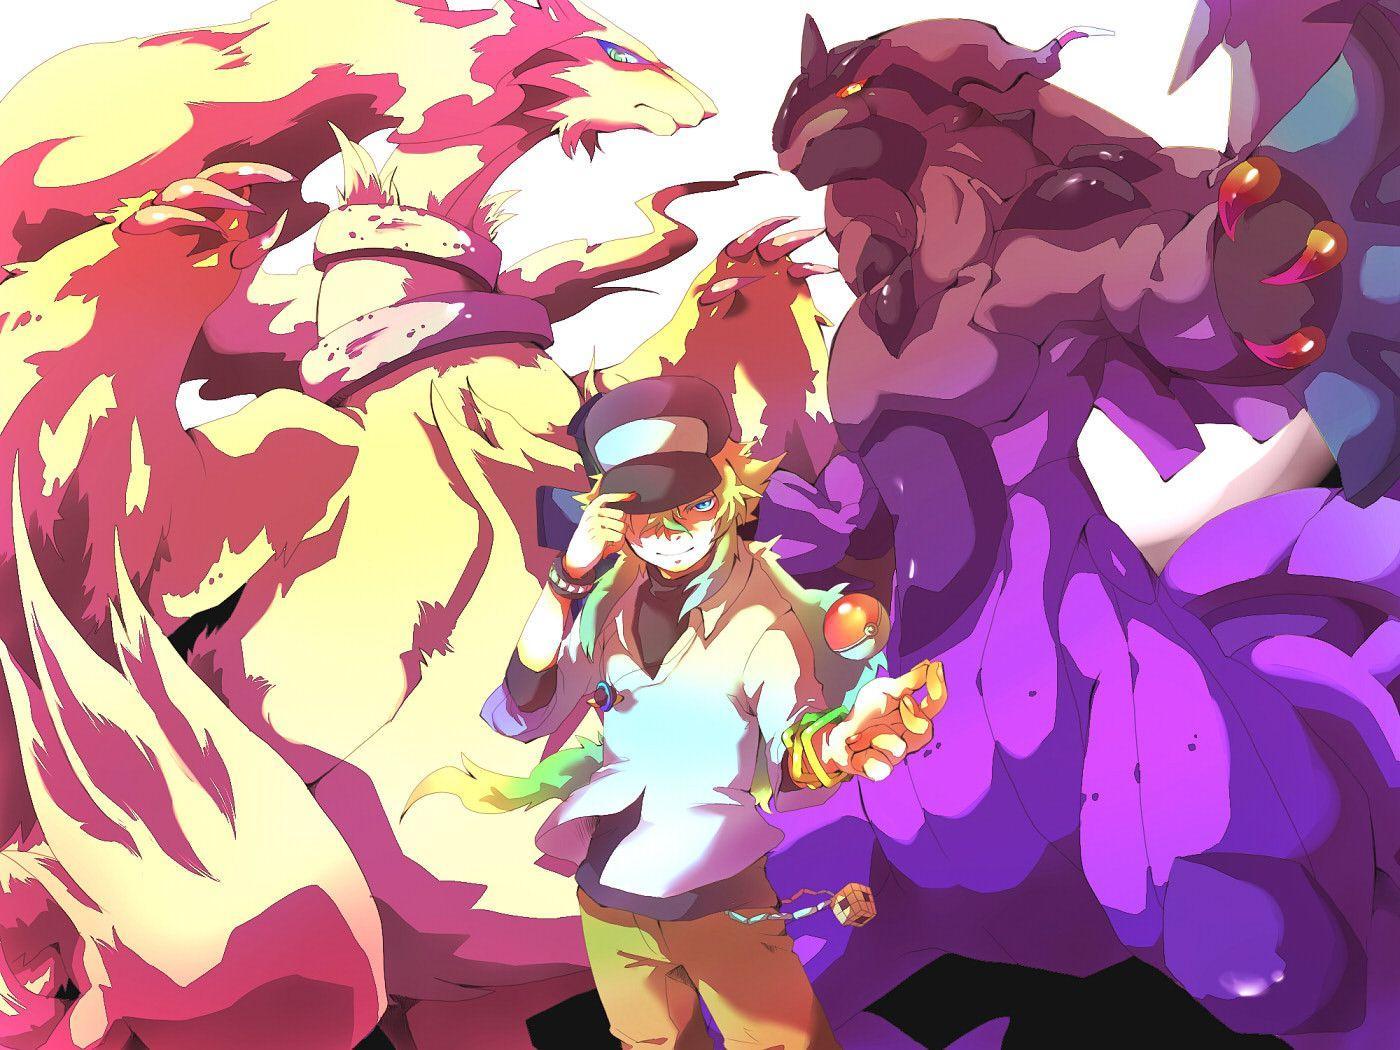 18 Reshiram (Pokémon) HD Wallpapers | Backgrounds - Wallpaper Abyss